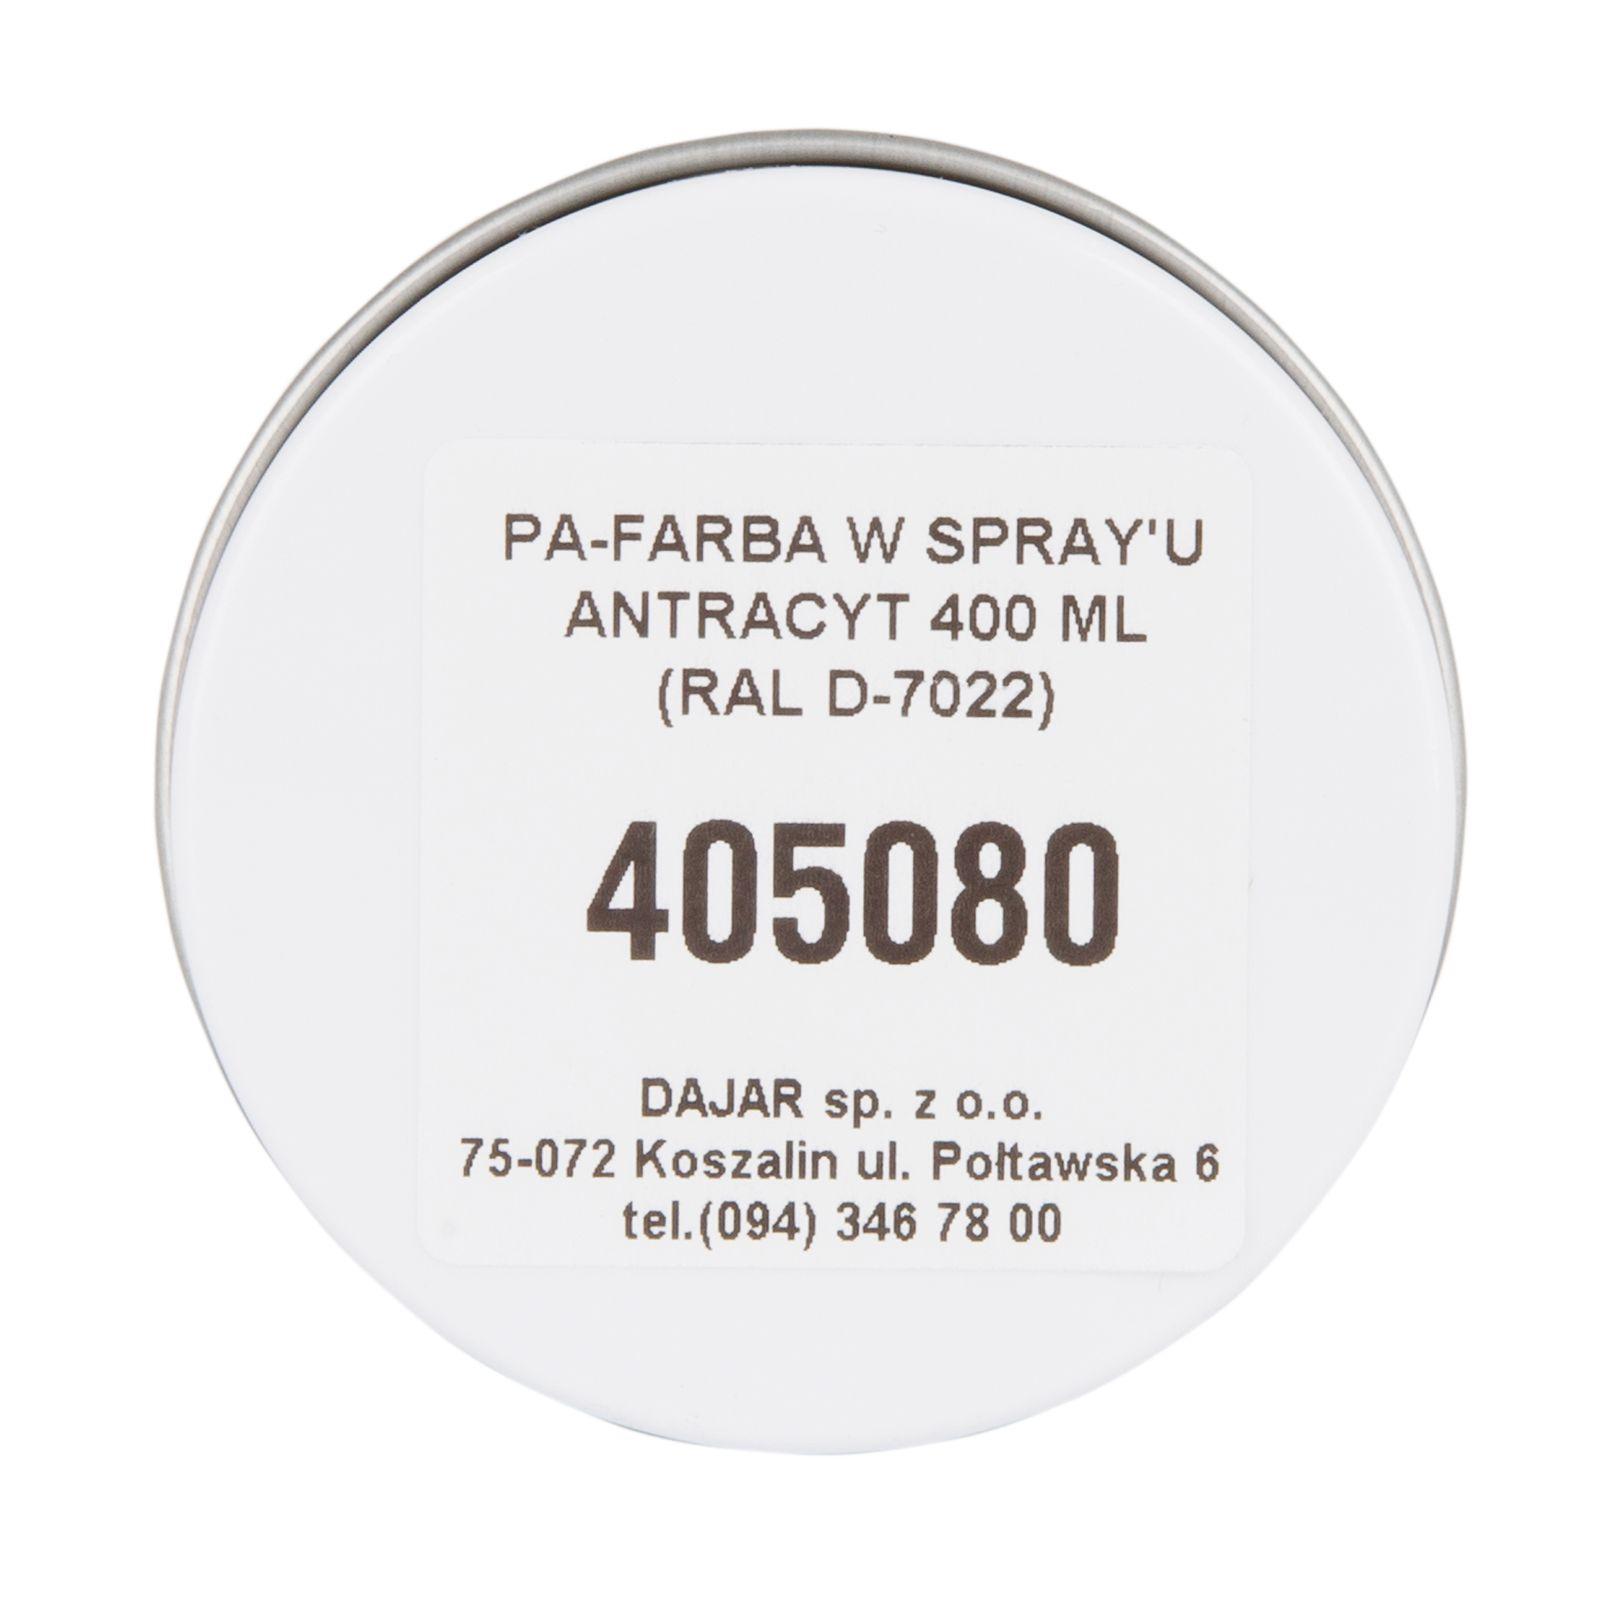 Farba w spray'u 400 ml Profi antracyt BOLL